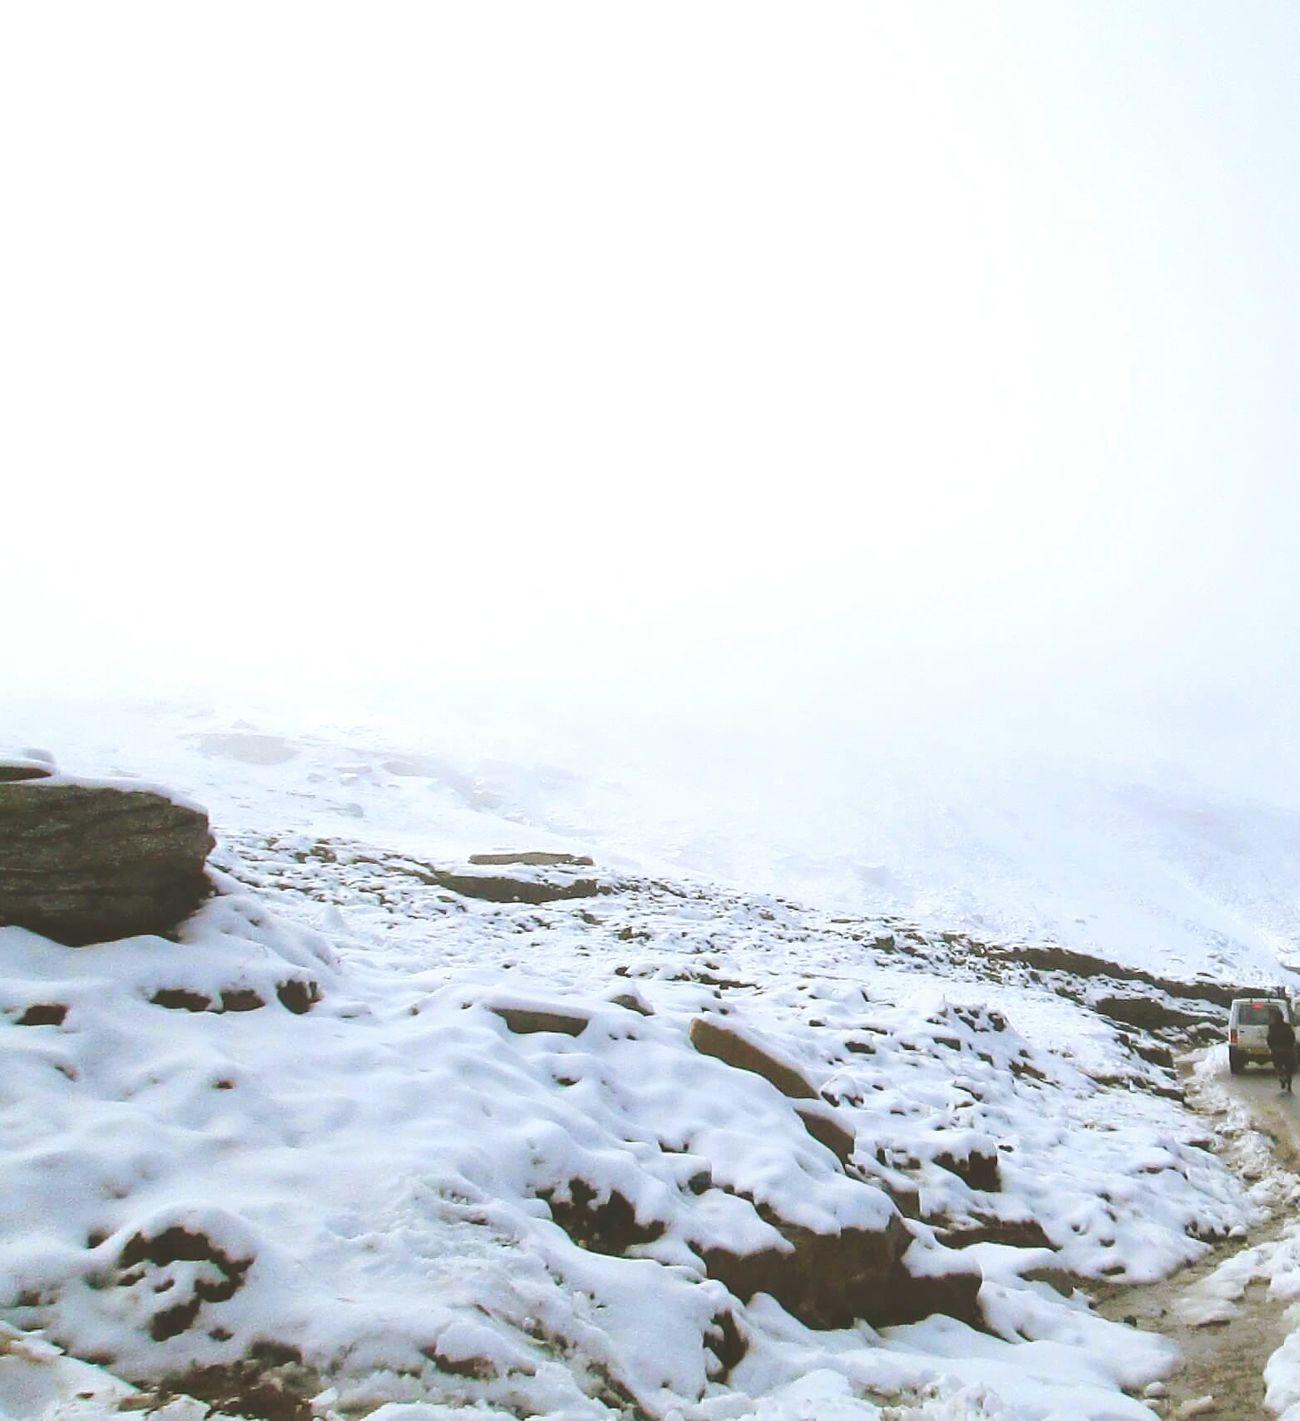 Snowy Mountains Natural Beauty Snow White Atthetop Snowymountain